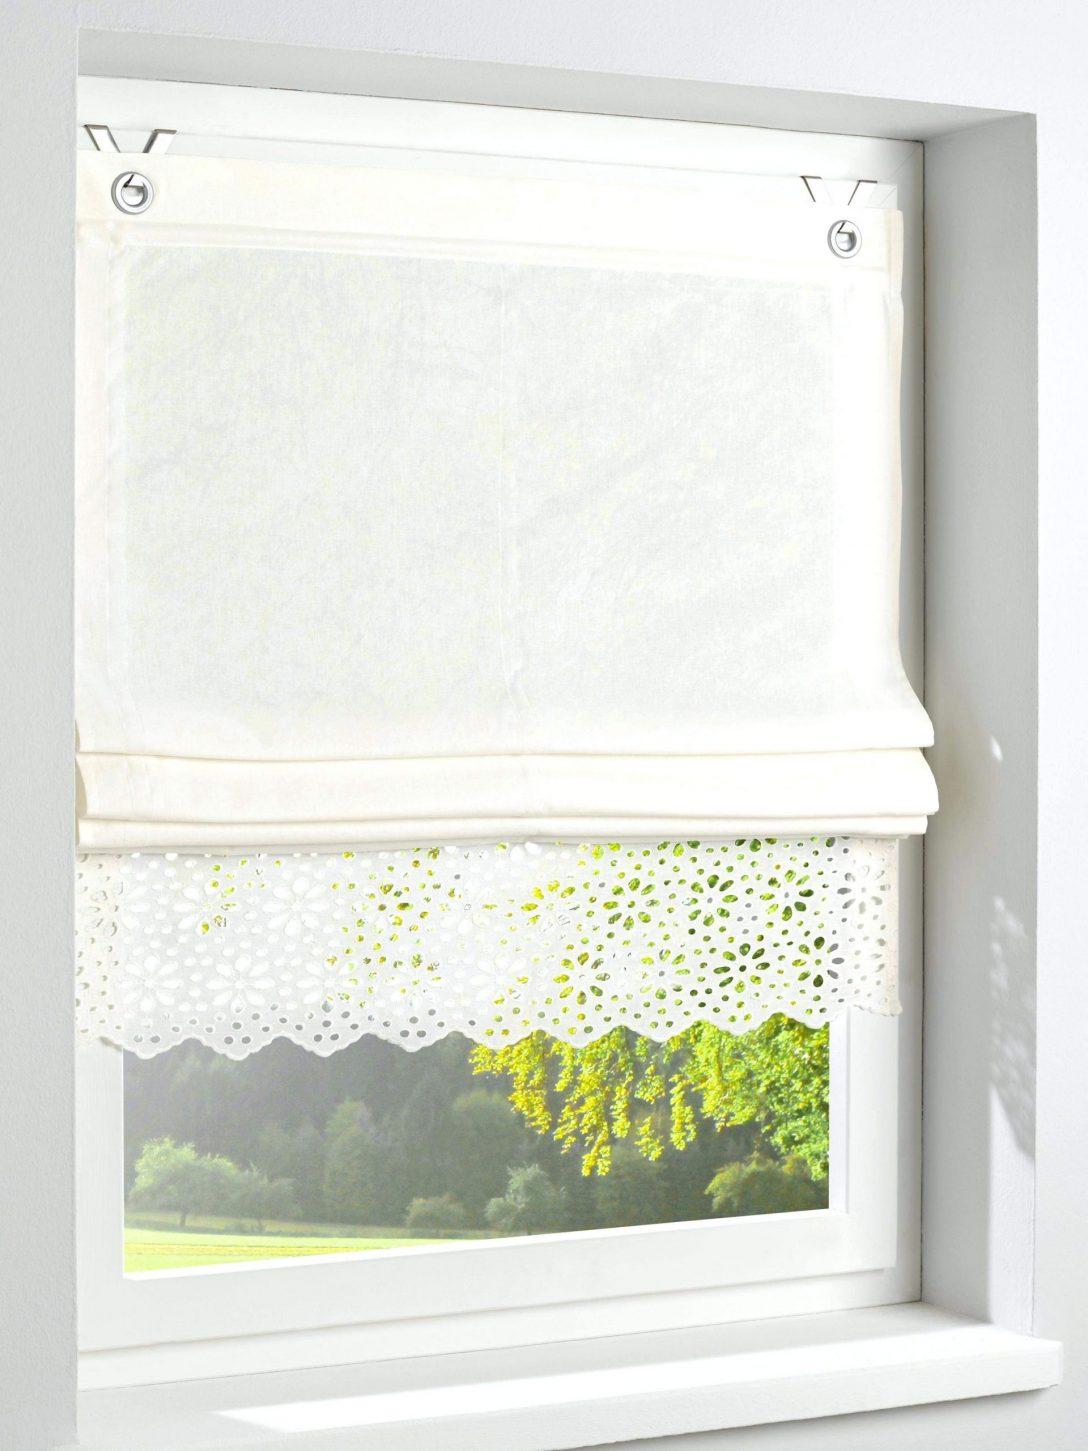 Large Size of Fenster Sichtschutz Ideen Innen Ohne Bohren Sichtschutzfolie Obi Sichtschutzfolien Modern Spiegel Einseitig Durchsichtig Bad Ikea Lidl Blickdicht Plissee Fenster Fenster Sichtschutz